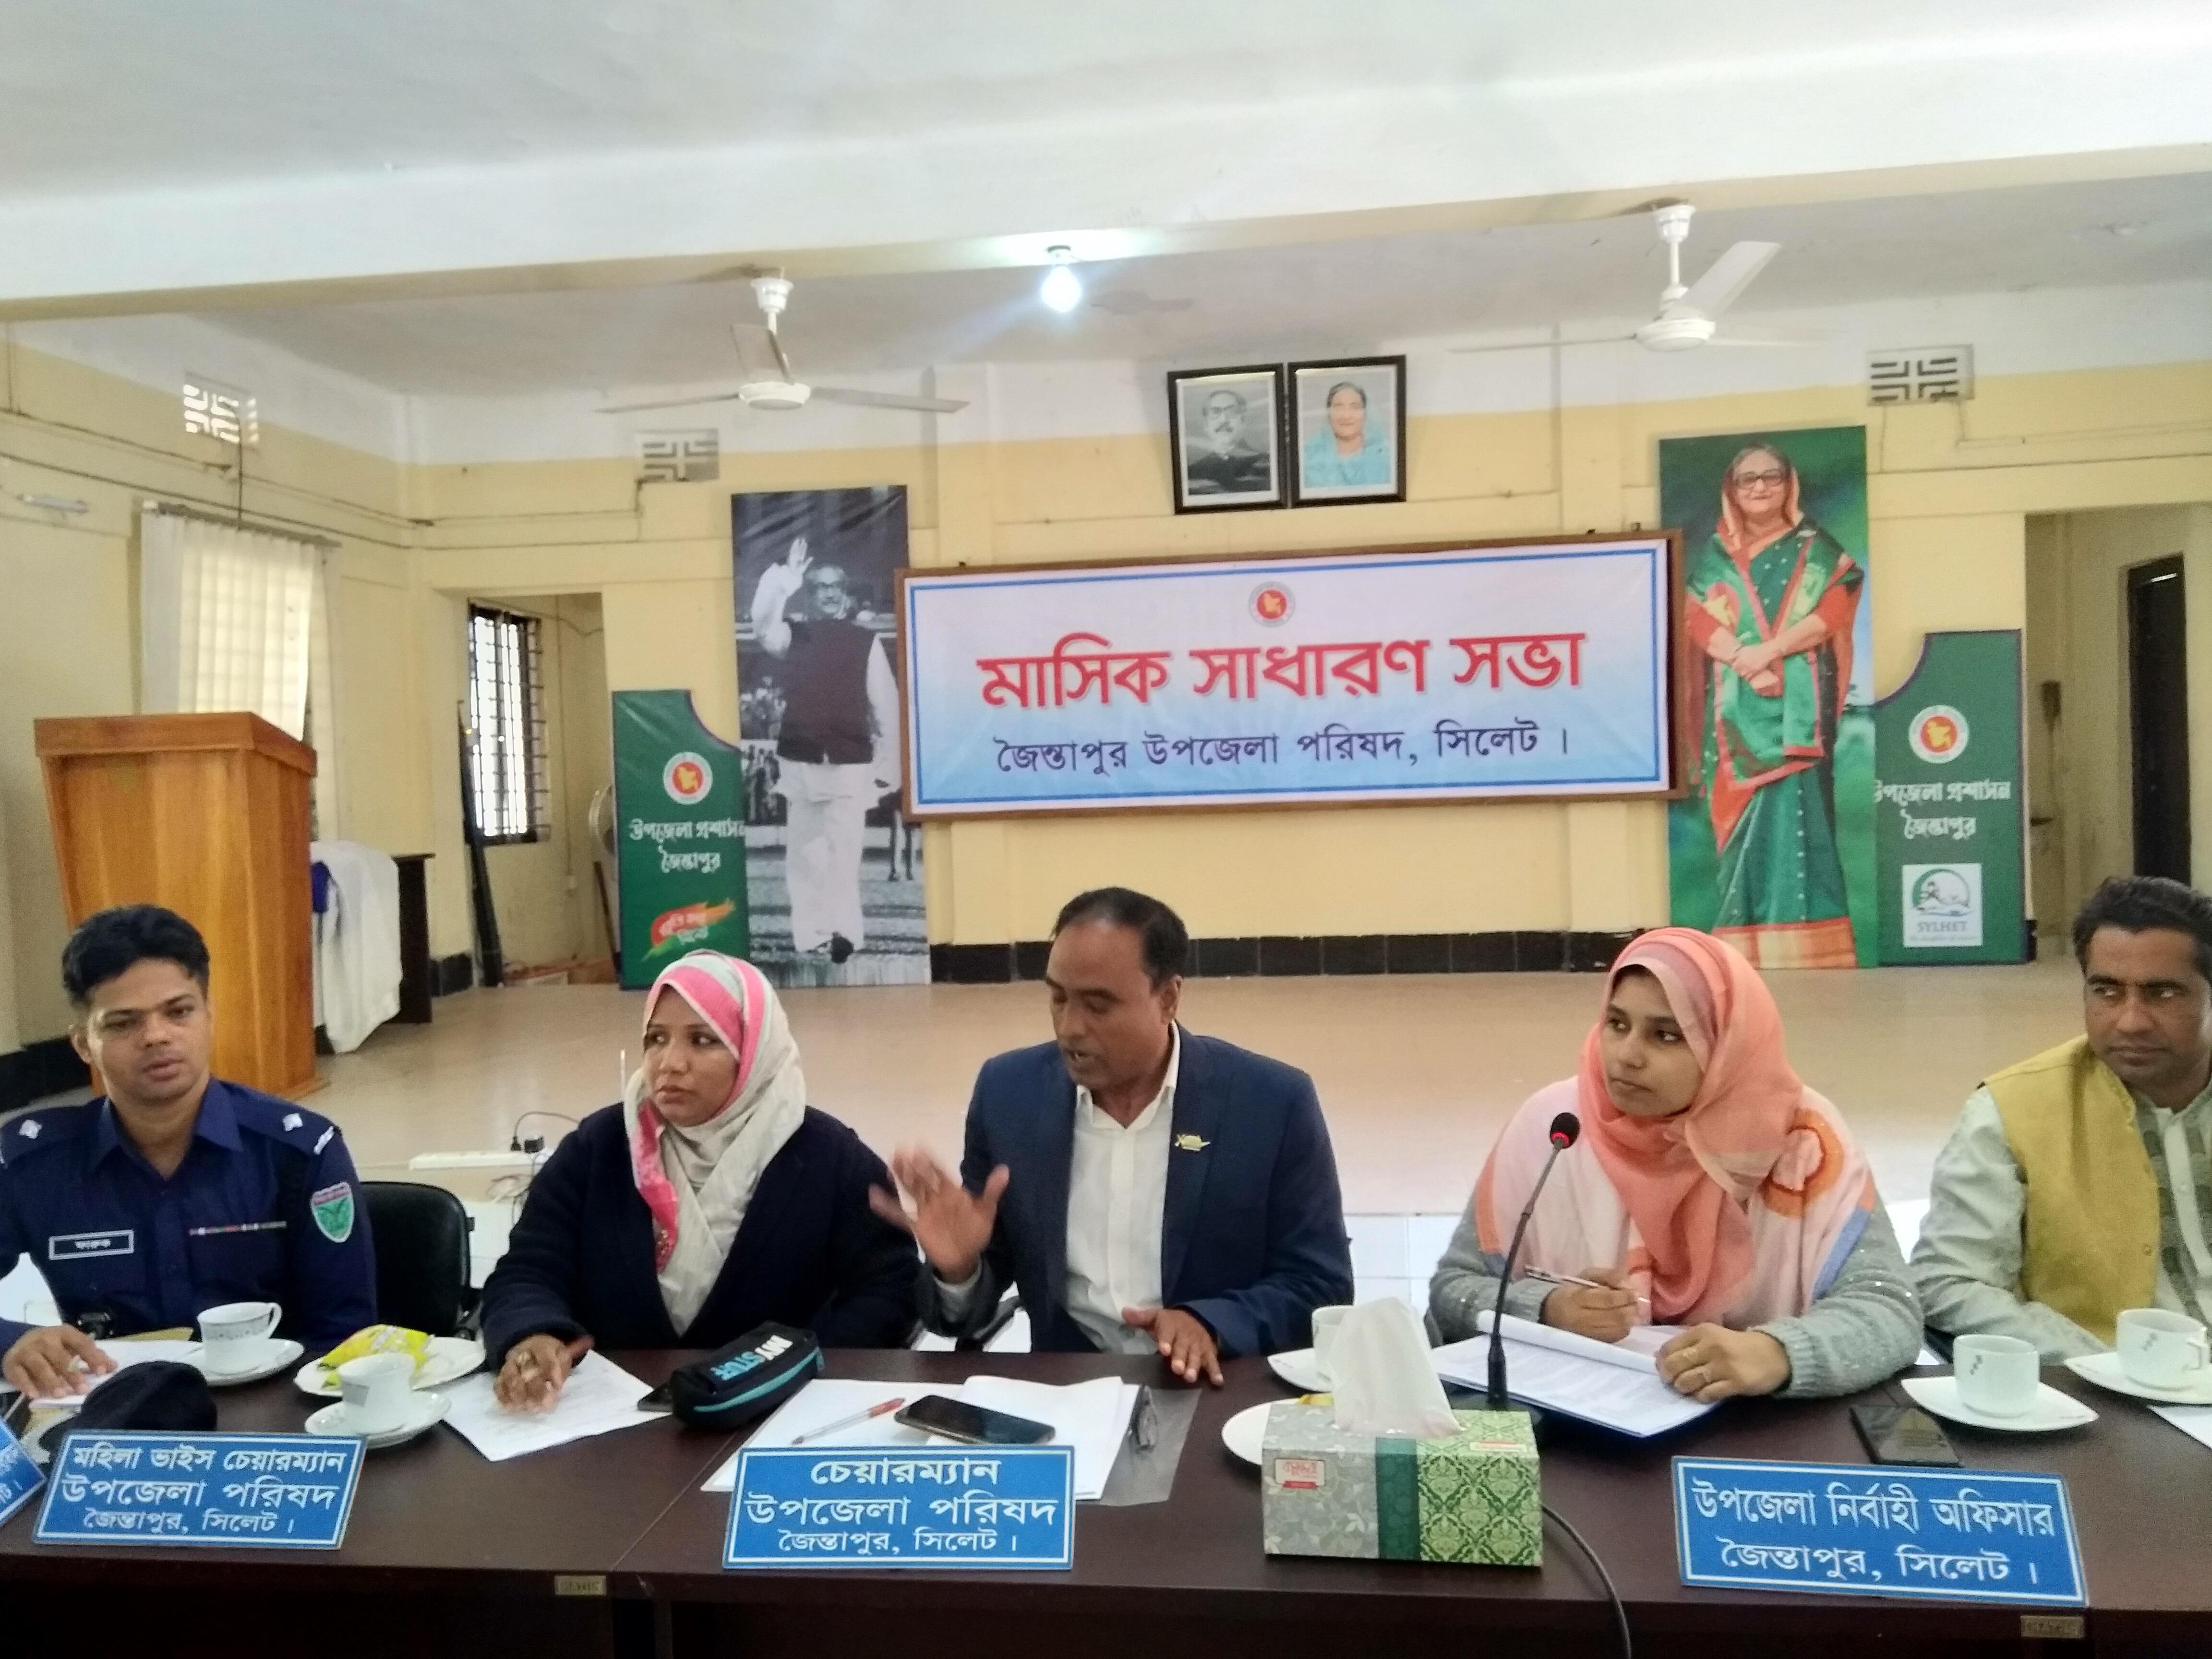 জৈন্তাপুরে মাসিক আইন-শৃংঙ্খলা ও চোরাচালান প্রতিরোধ কমিটির সভা অনুষ্ঠিত